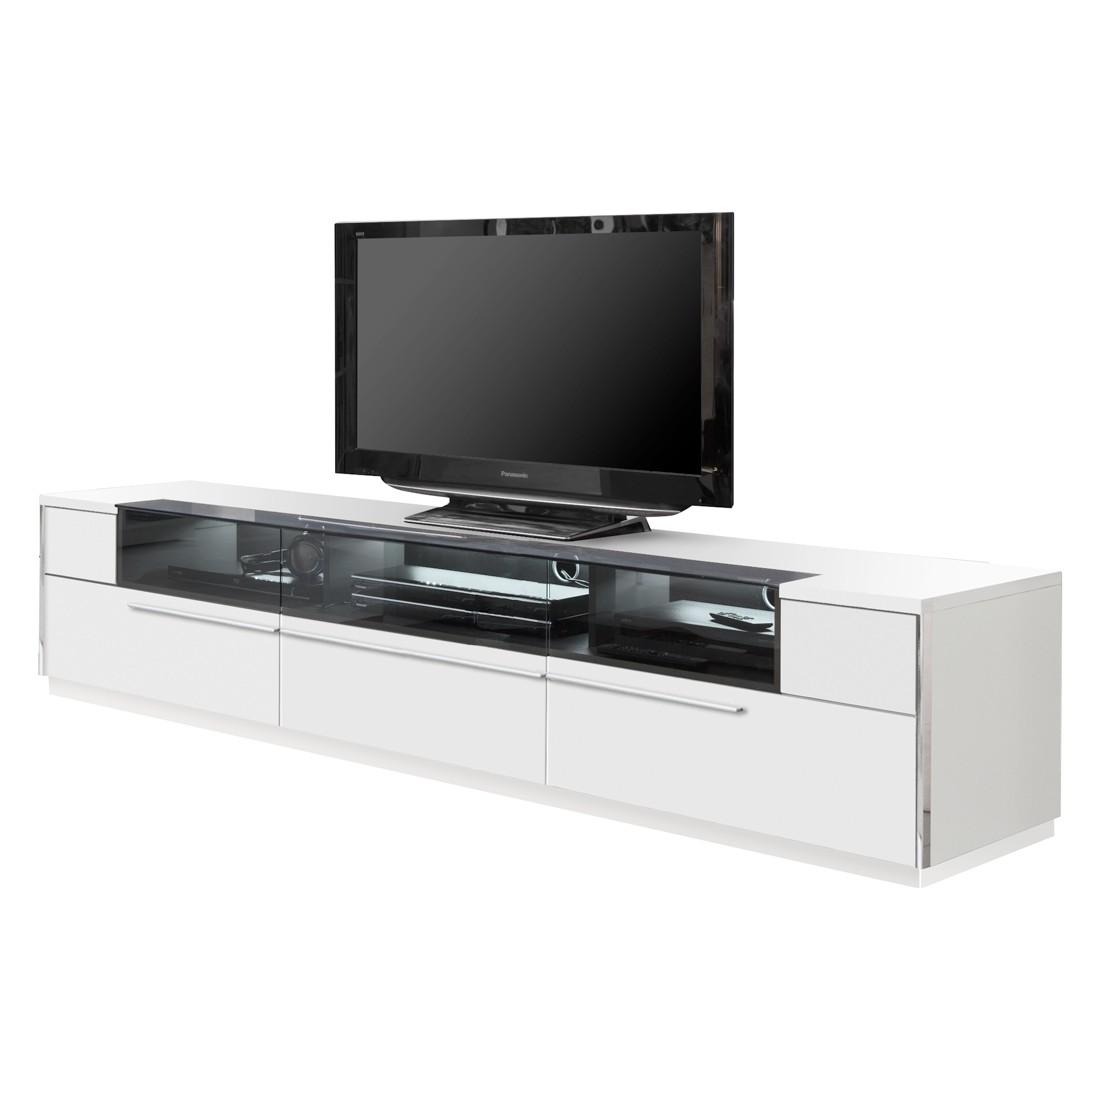 TV-Lowboard ROOMconcept I – Polarweiß – Mit Beleuchtung – 226,5 cm – Mit Sockel, Holtkamp günstig kaufen